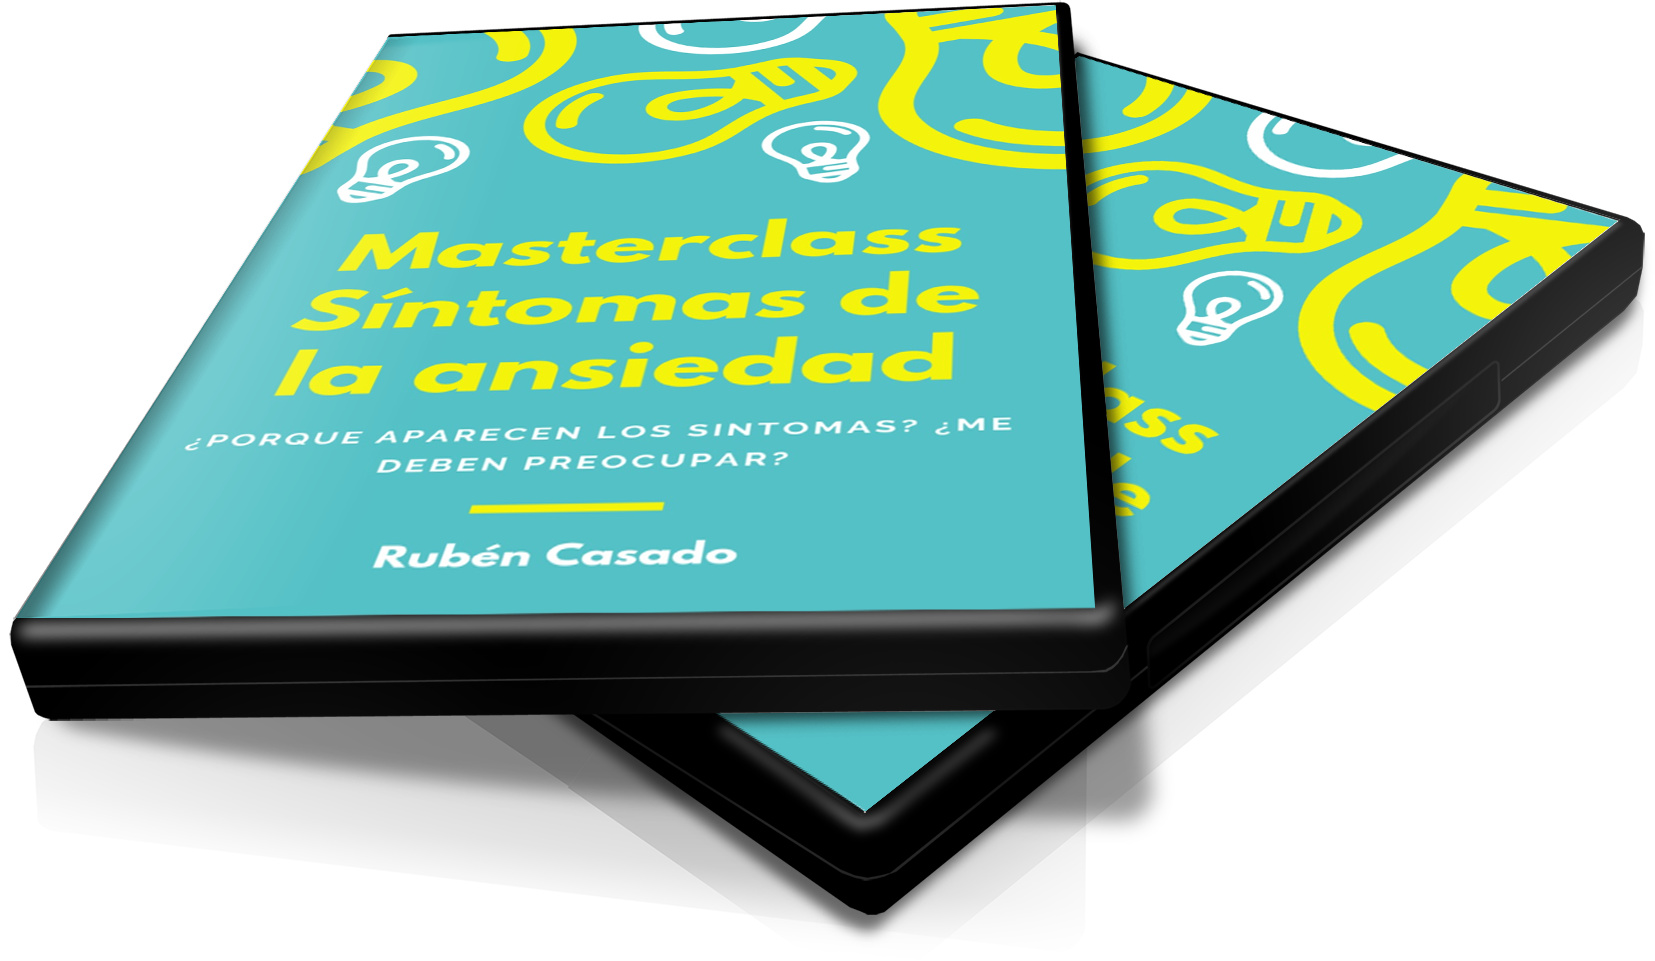 MASTERCLASS CRISIS DE ANSIEDAD 2.0